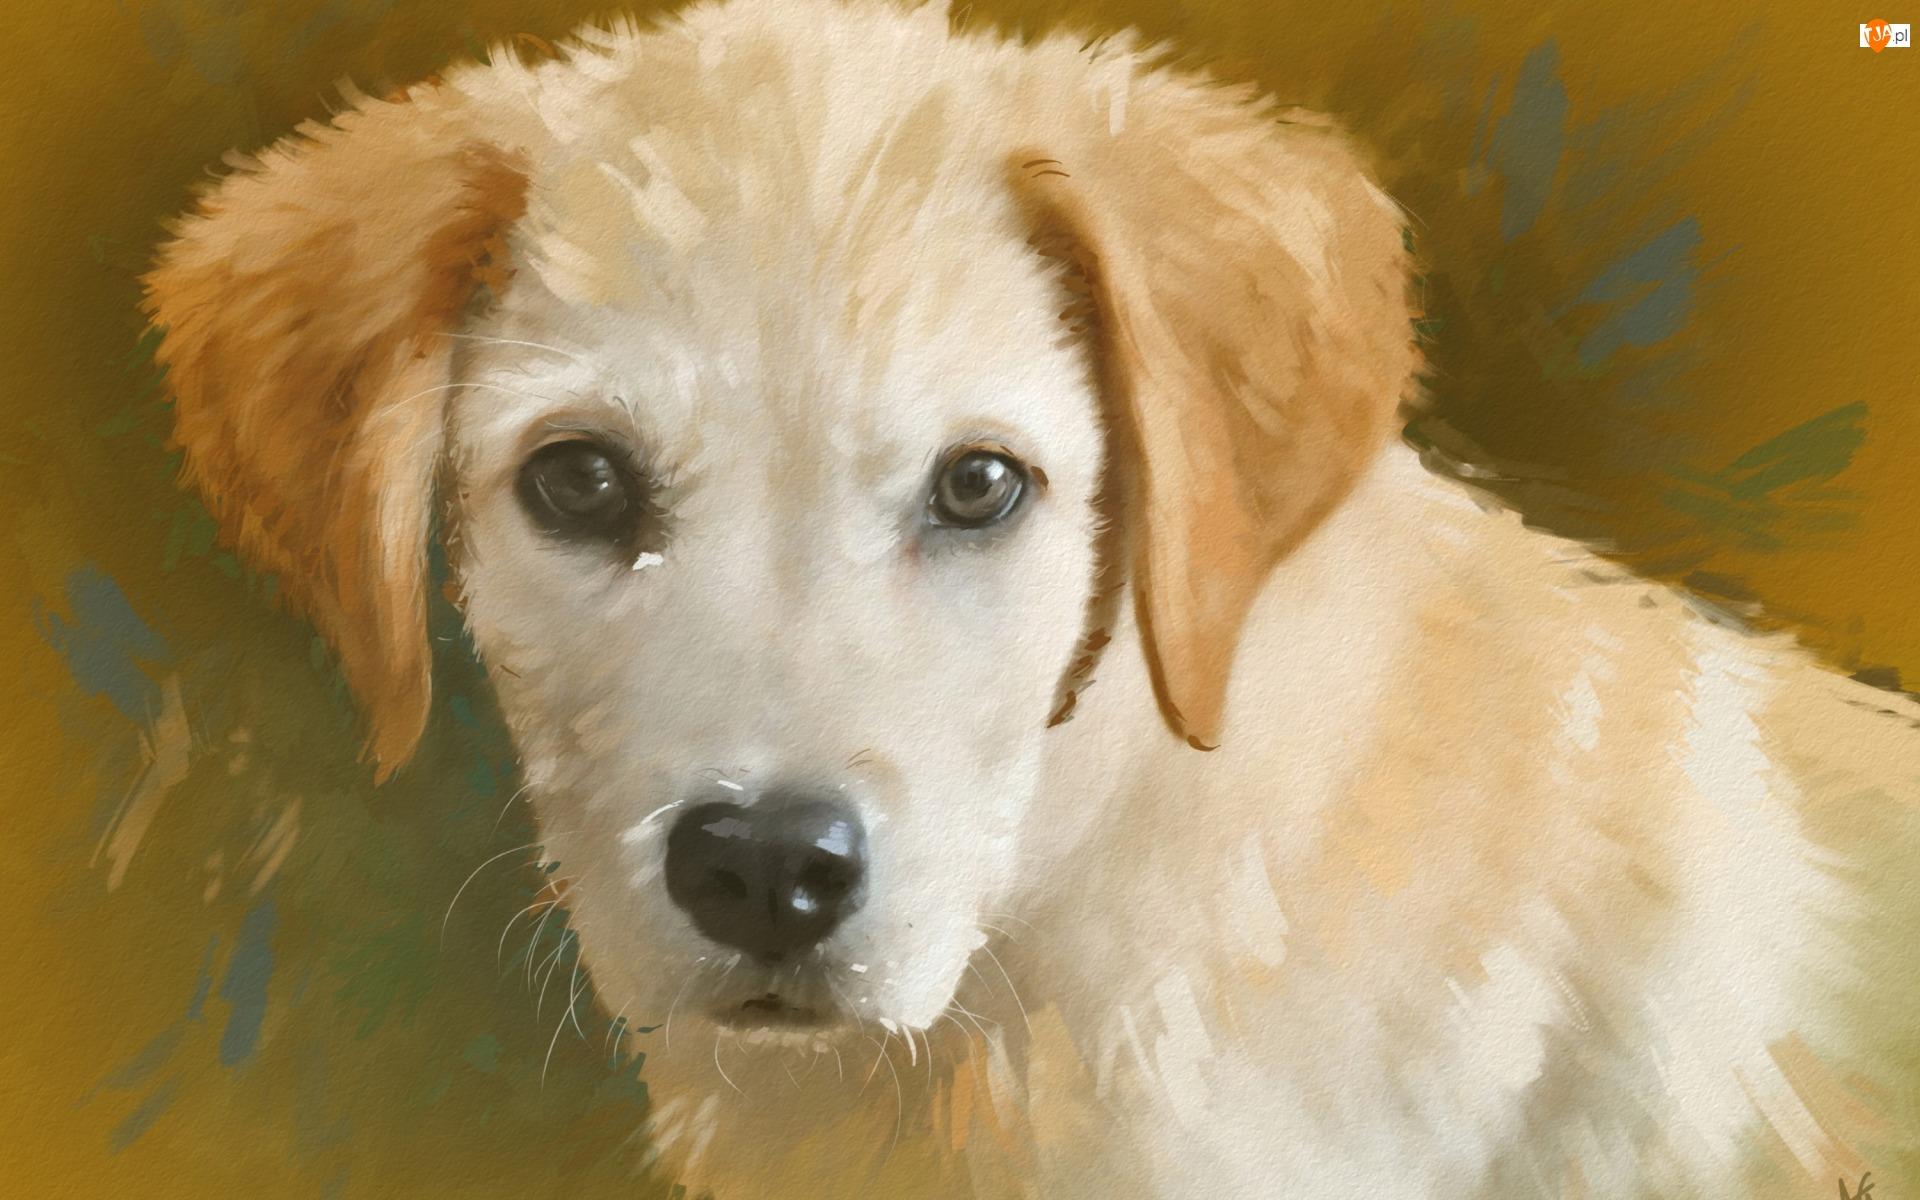 Portret, Pies, Szczeniak, Reprodukcja obrazu